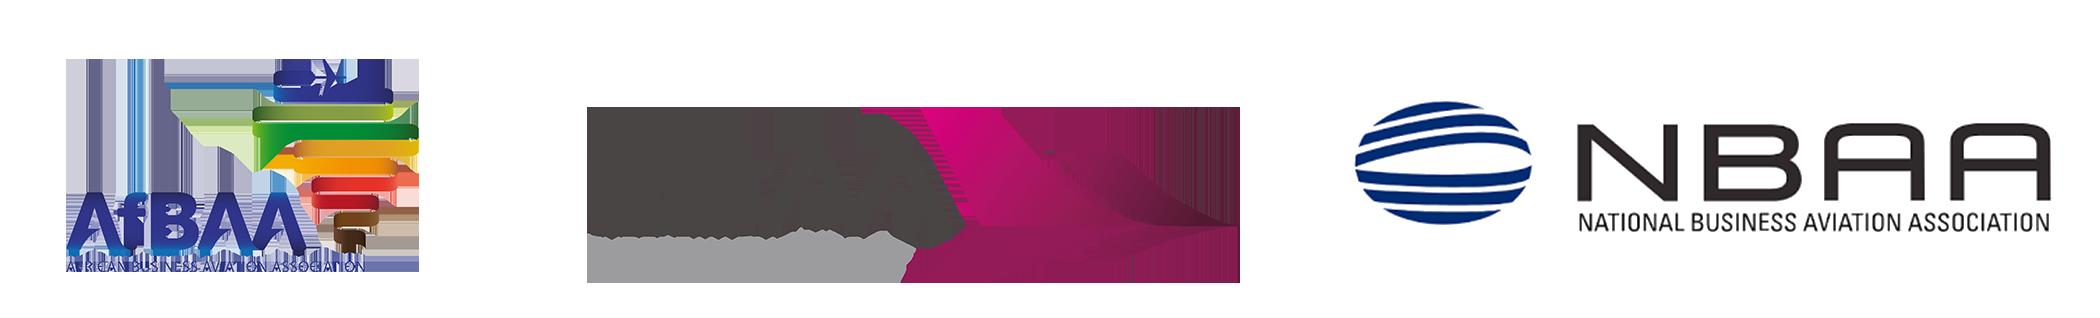 Proud Member of AFBAA NBAA and EBAA